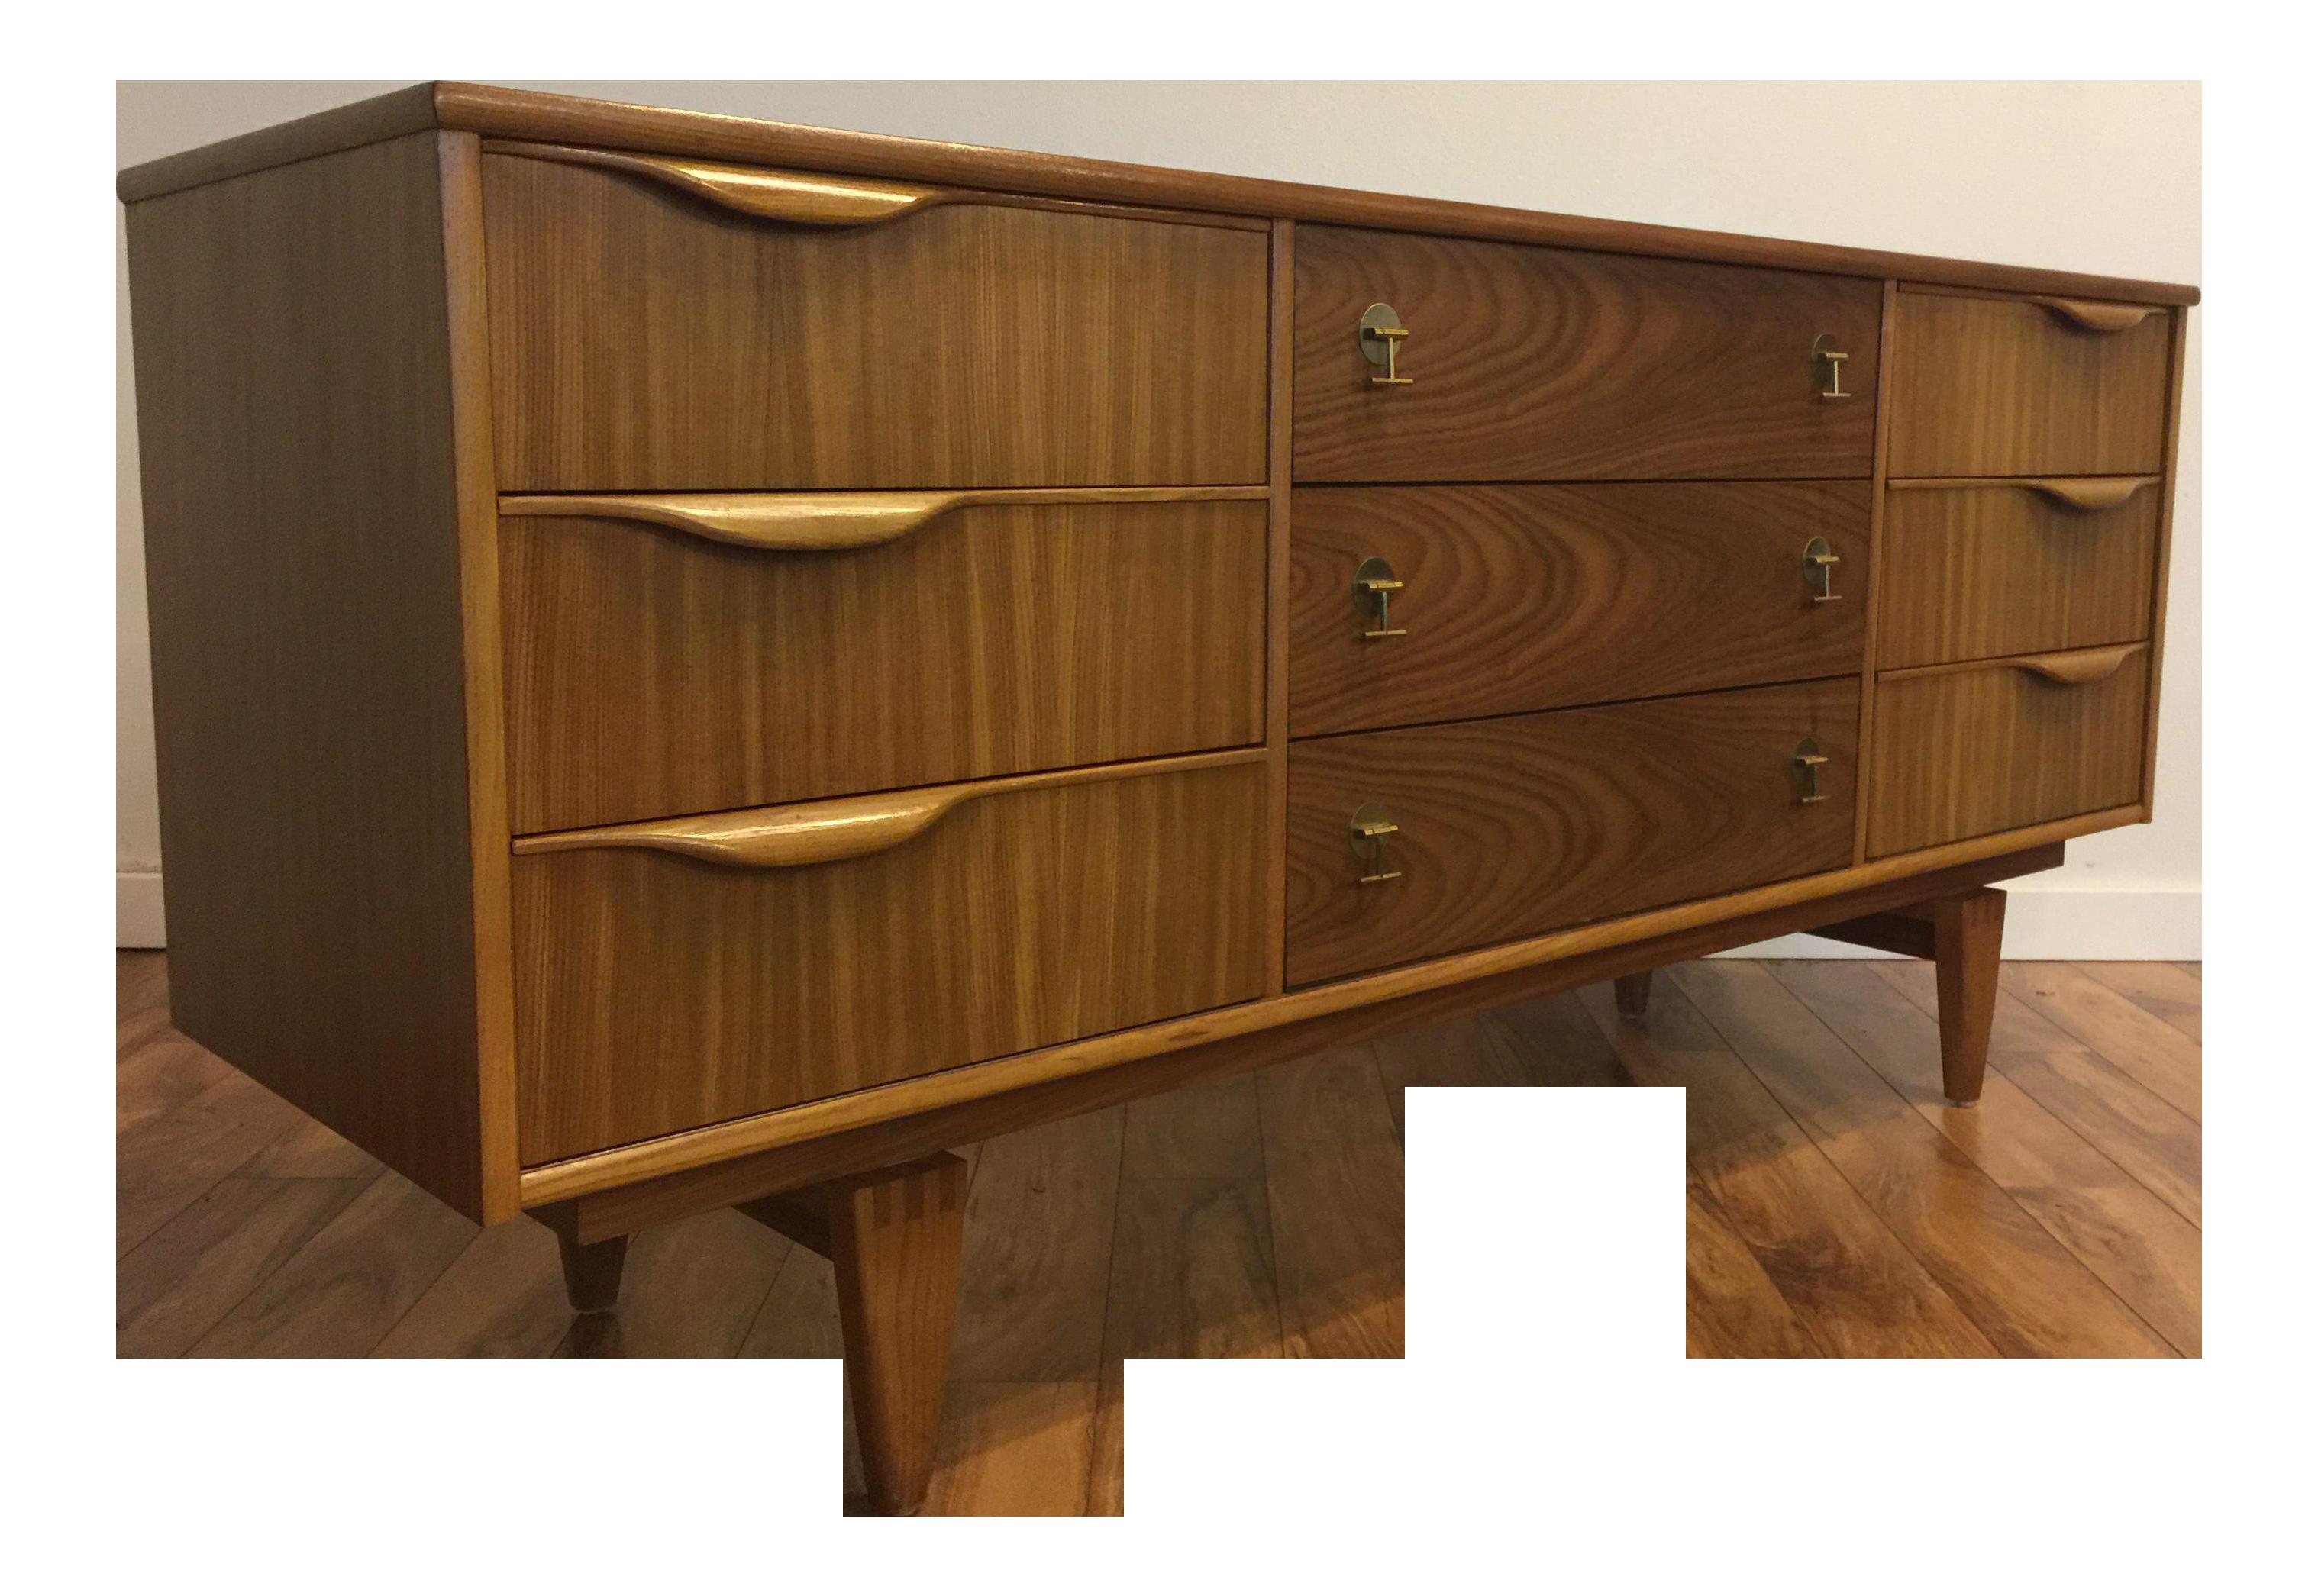 dresser saga broyhill mid century lowboy series walnut modern by epoch